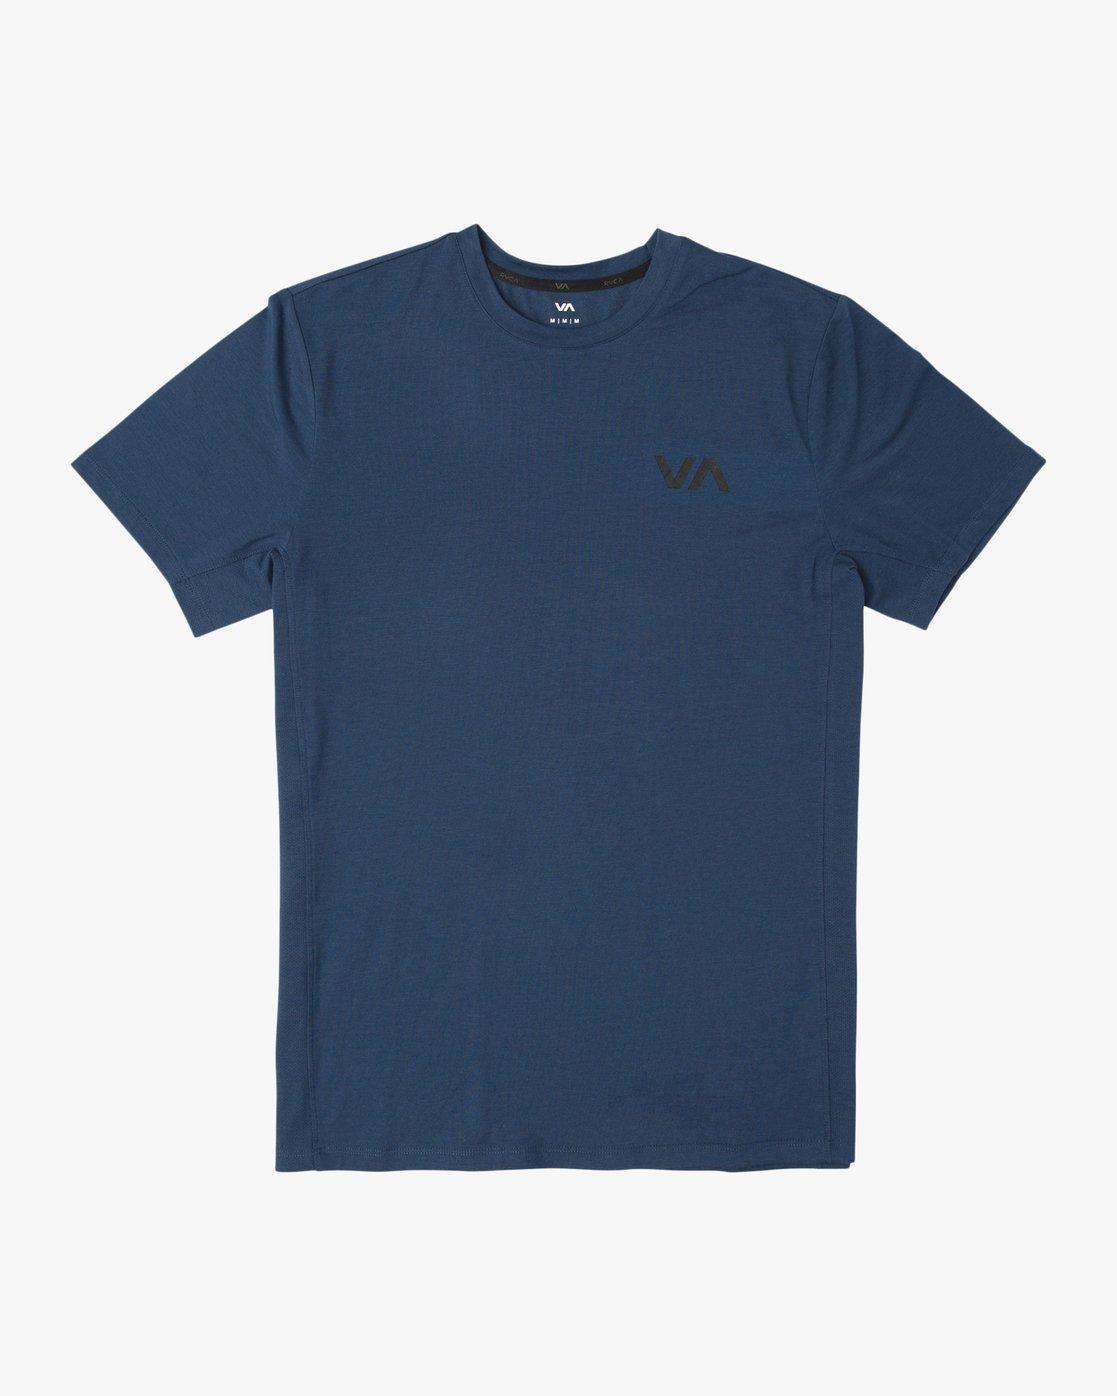 0 VA Vent Short Sleeve Top Blue V904QRVS RVCA